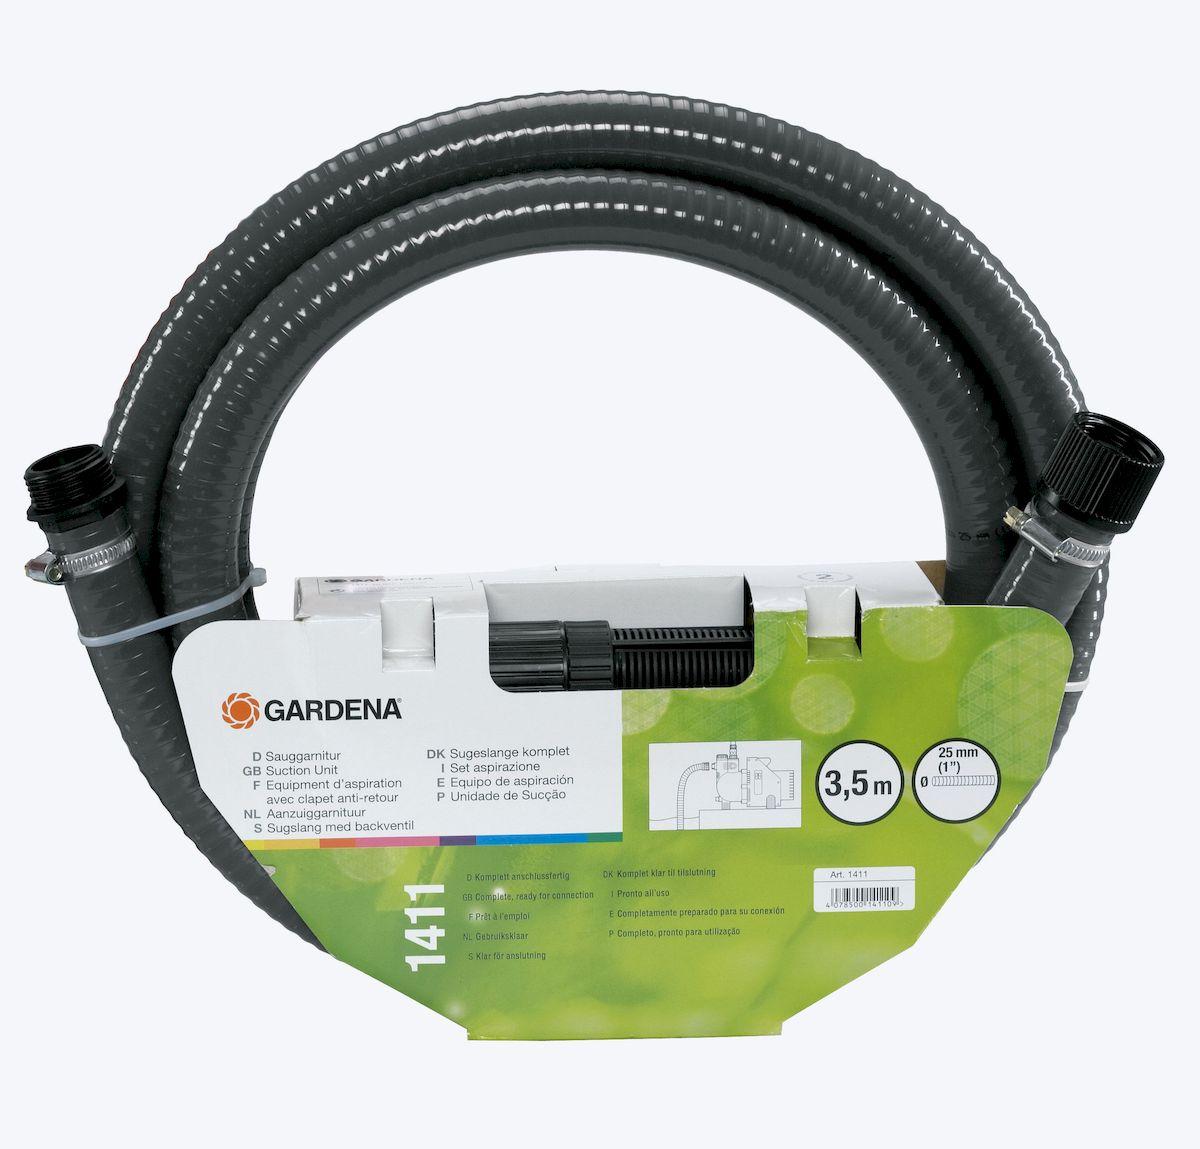 Шланг заборный с фильтром Gardena, 3,5 м011H1800Шланг заборный с фильтром Gardena вакуумоустойчивый спиральный армированный предназначен для подсоединения к насосу напрямую. Фильтр защищает насос от повреждения вследствие попадания загрязнений, а обратный клапан сокращает время всасывания насоса при повторном включении. Длина шланга 3,5 м; Диаметр 25 мм (1 дюйм); Подходит для насосов с наружной резьбой 33,3 мм (G 1).